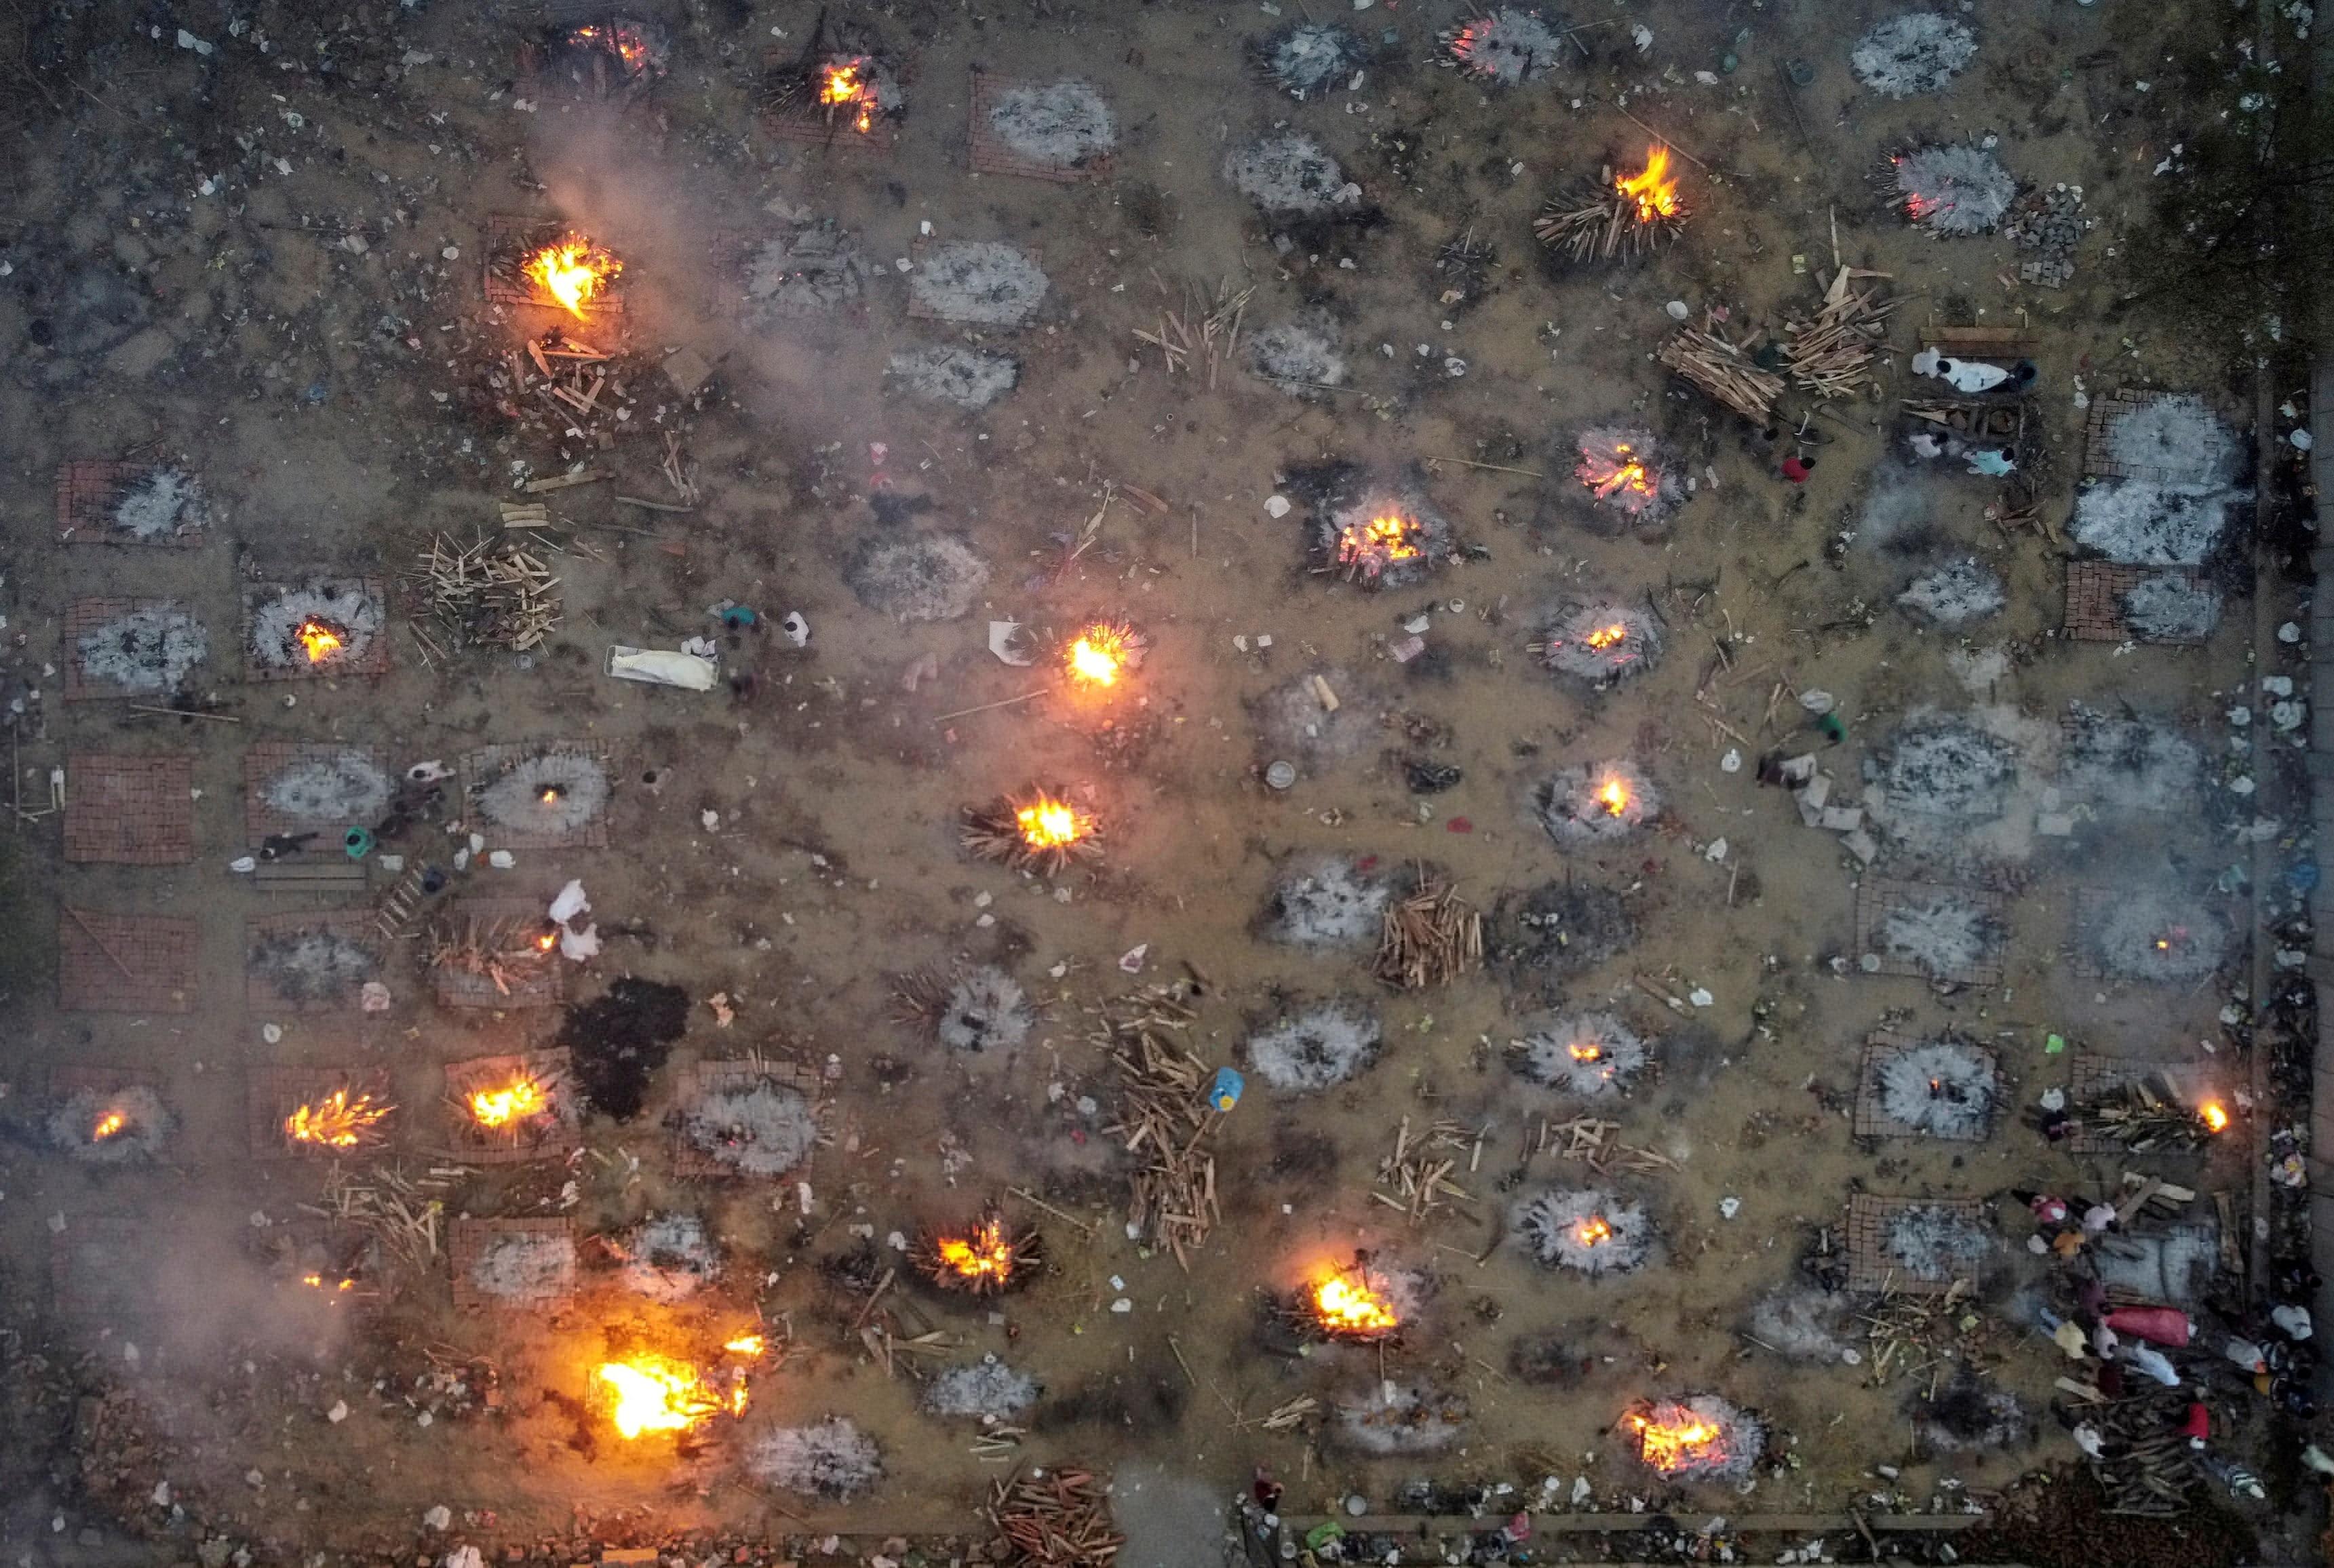 路透社摄影队从上空拍摄到的火葬场图片.jpg